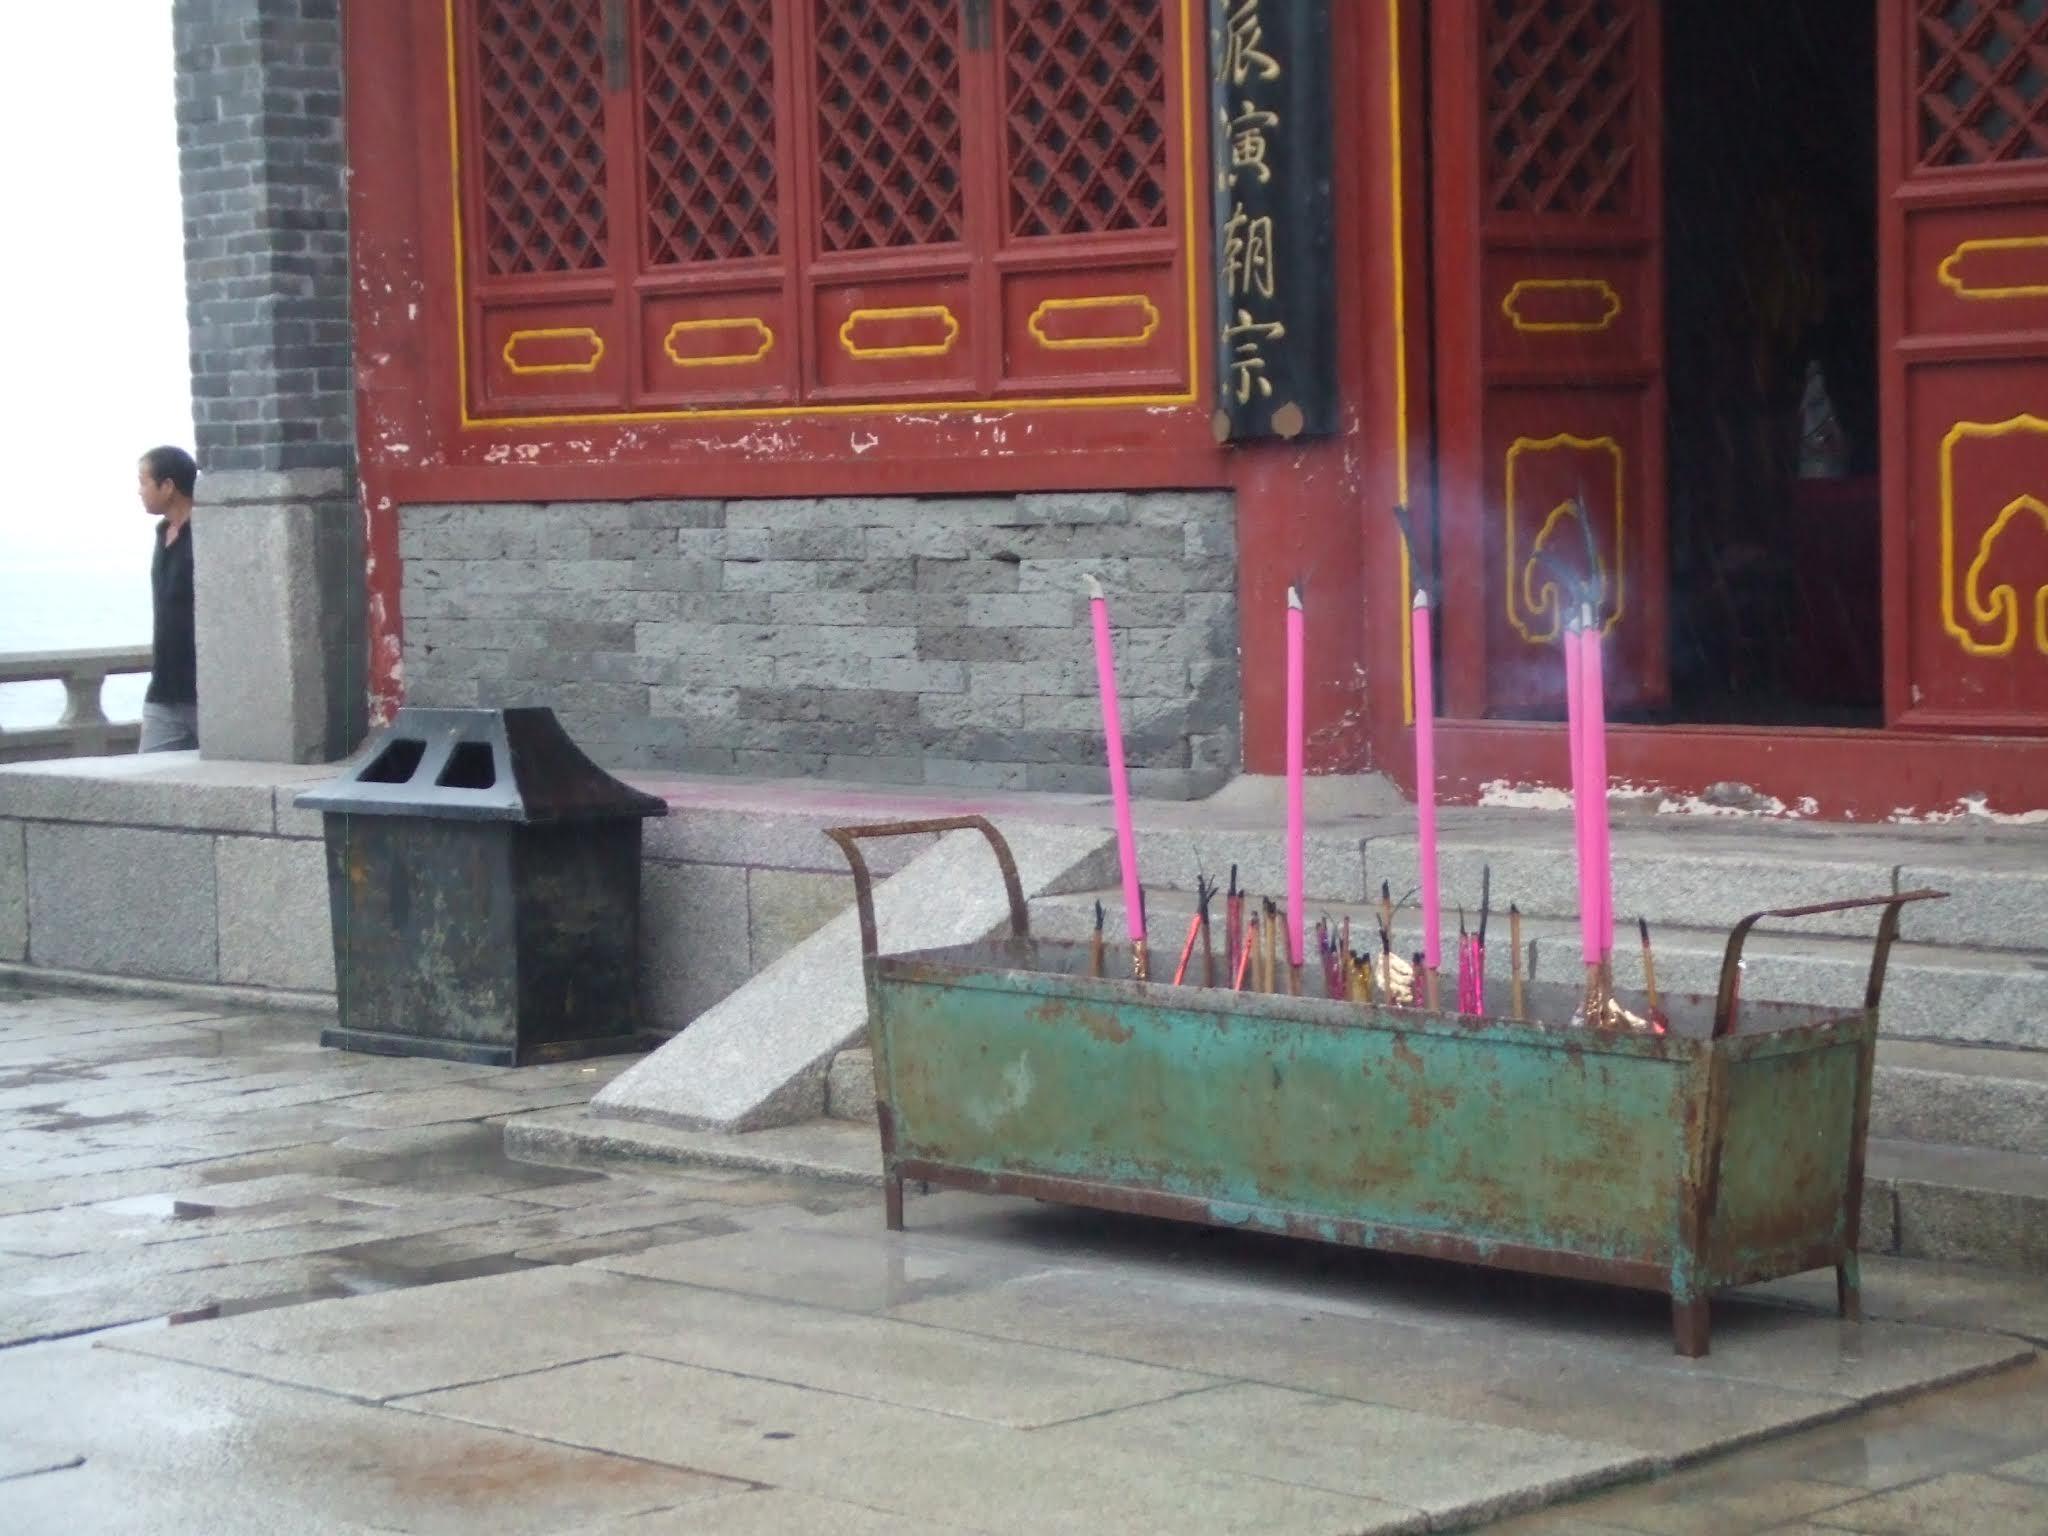 Mann geht entlang eines Tempels aus grauem Stein mit roter Tür und Fensterläden, die gelb abgesetzt sind. Rosa Räucherwerk in grünem Trog sowie schwarzer Mülleimer vor Gebäude.